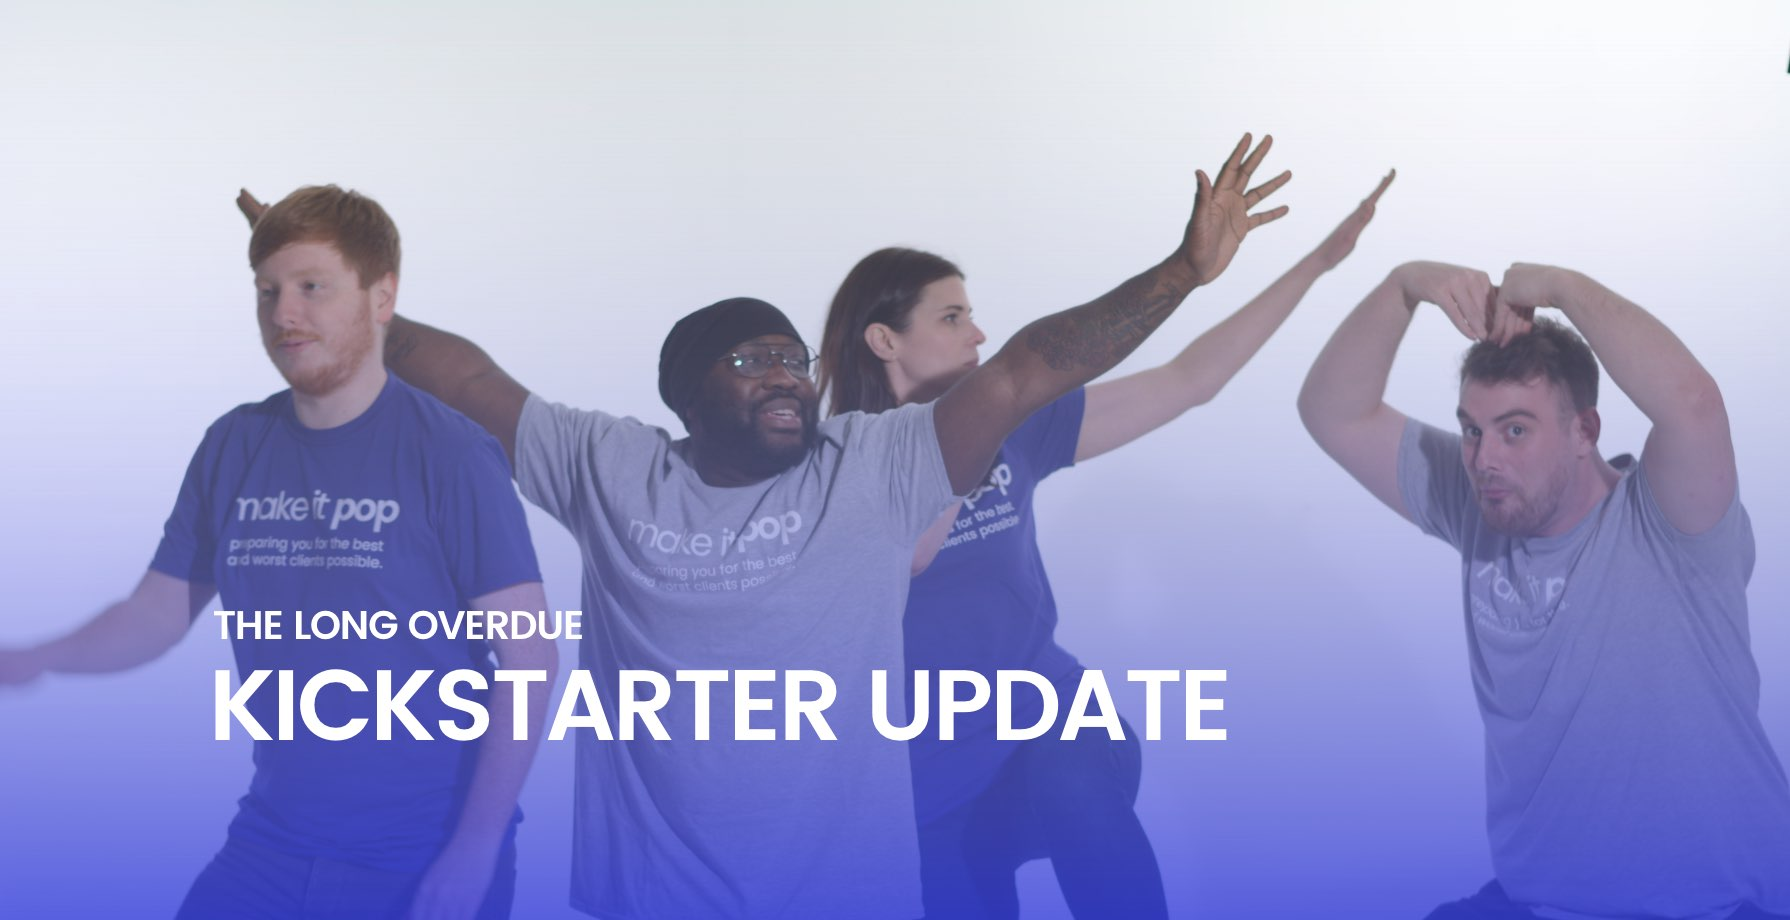 Kickstarter Update 13